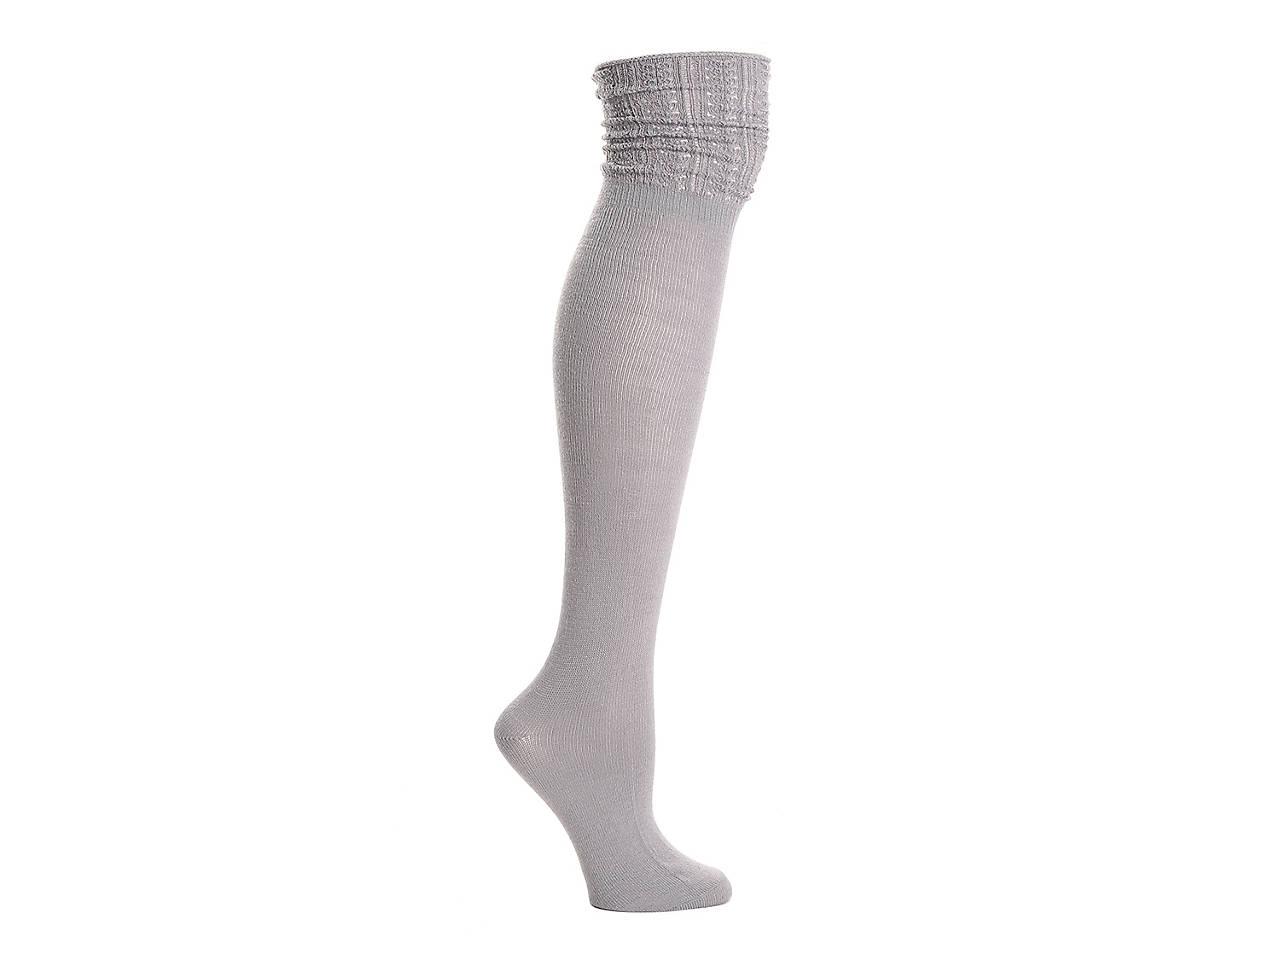 c6320b511 HUE Hosiery Openwork Top Women s Over The Knee Socks Women s ...